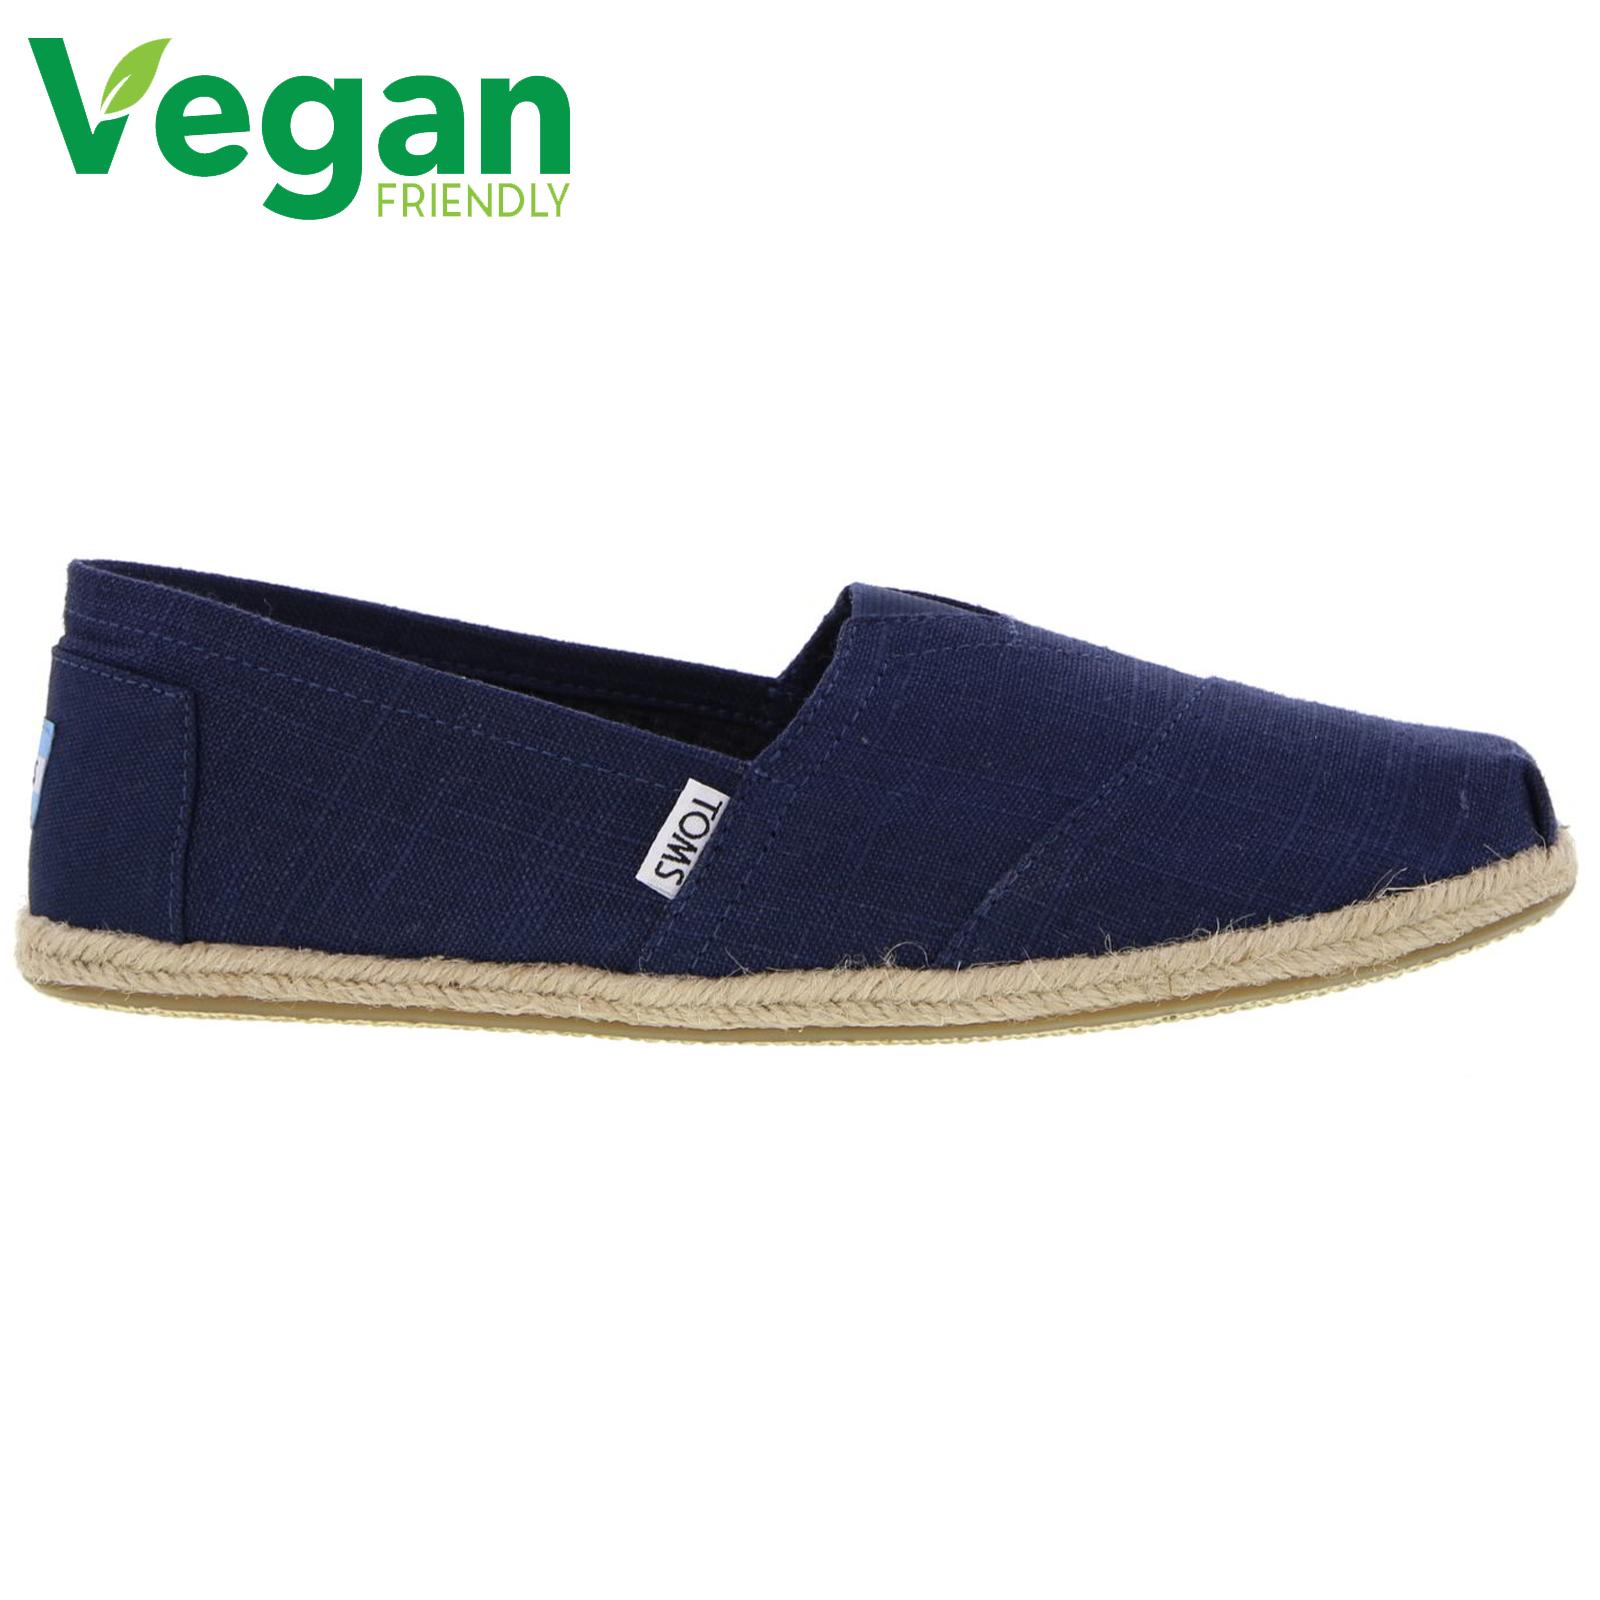 Toms Mens Classic Alpargata Espadrille Shoes - Navy Linen